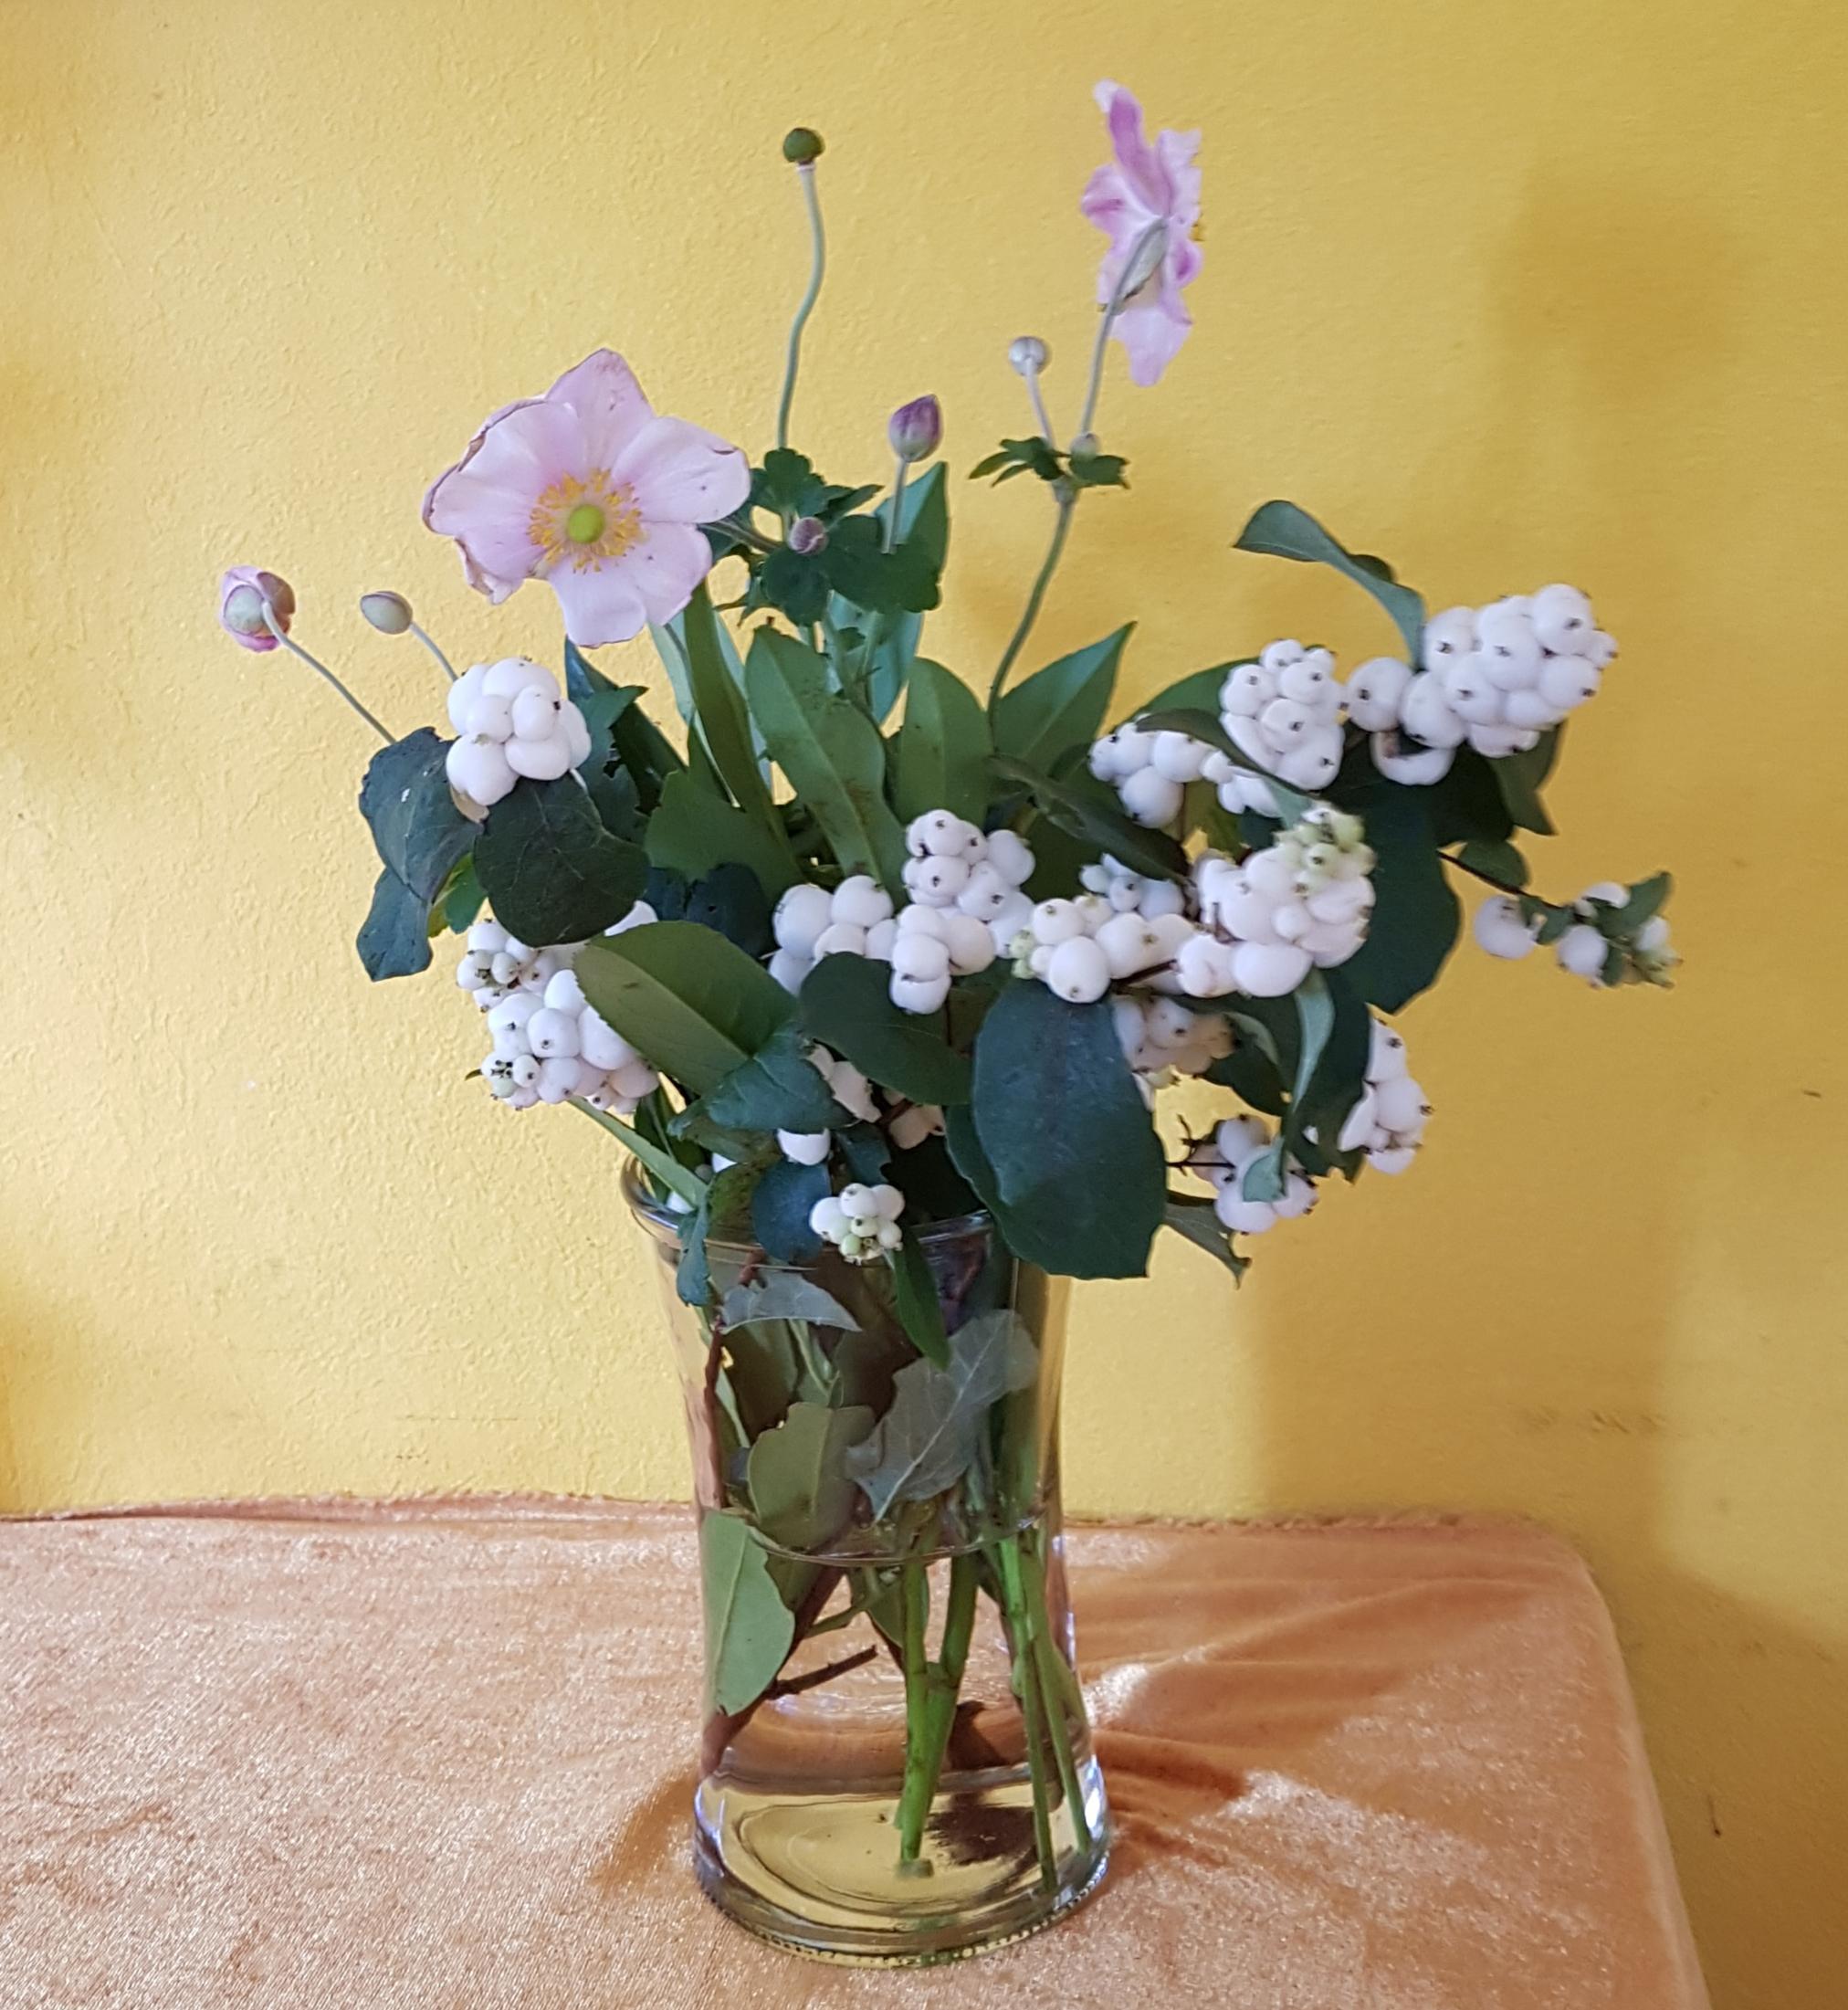 hannes blomster 2020-10-18 14.48.40-2